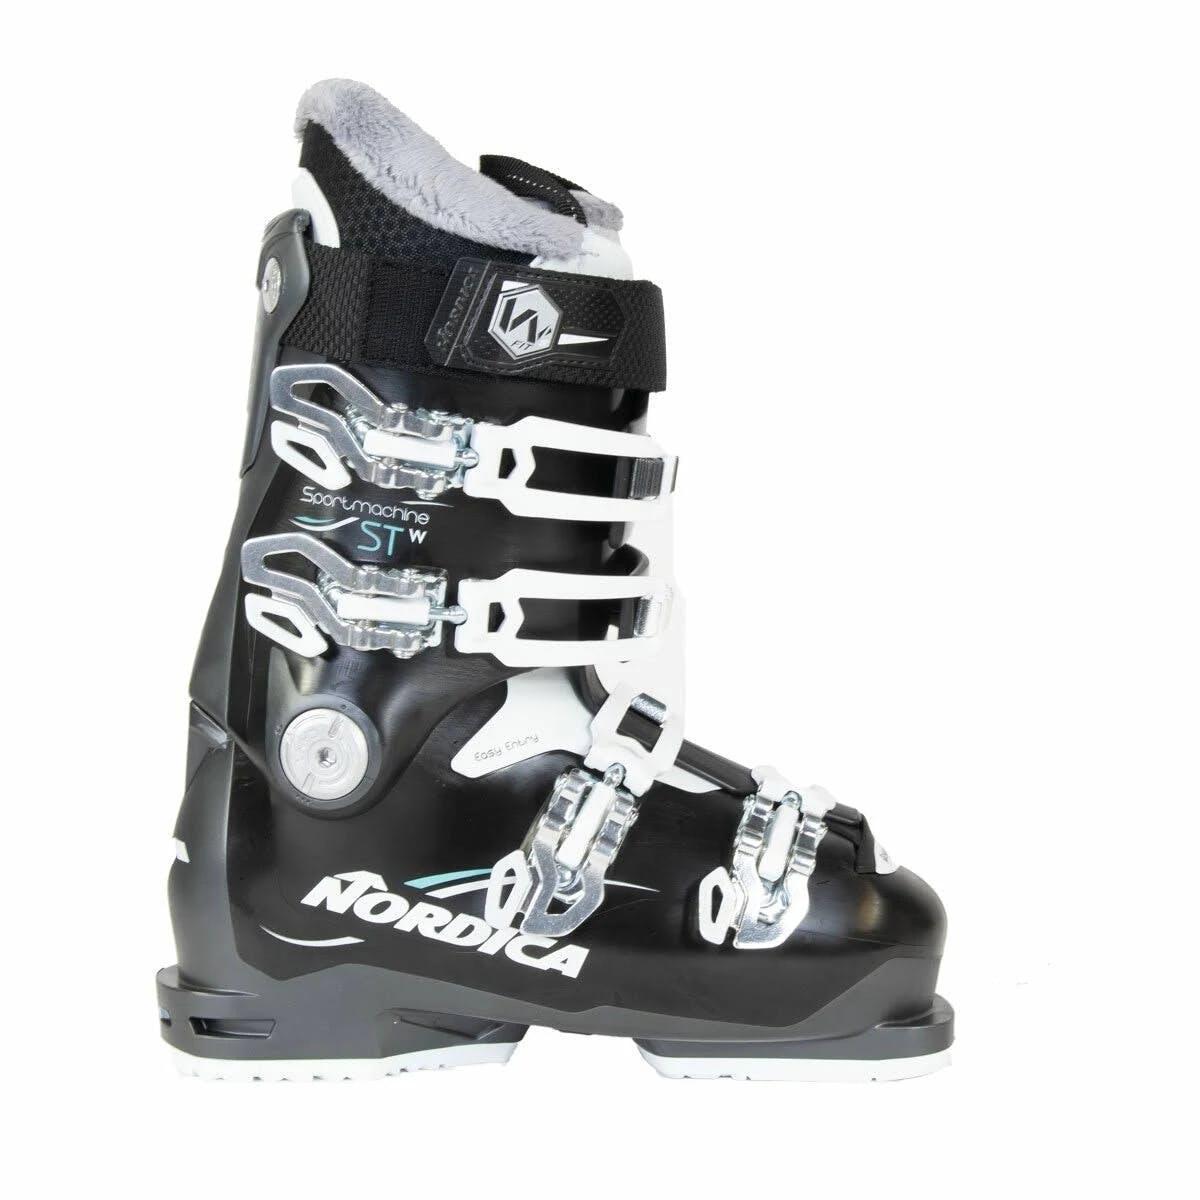 Nordica Sport Machine ST Women's  Ski Boots · 2021